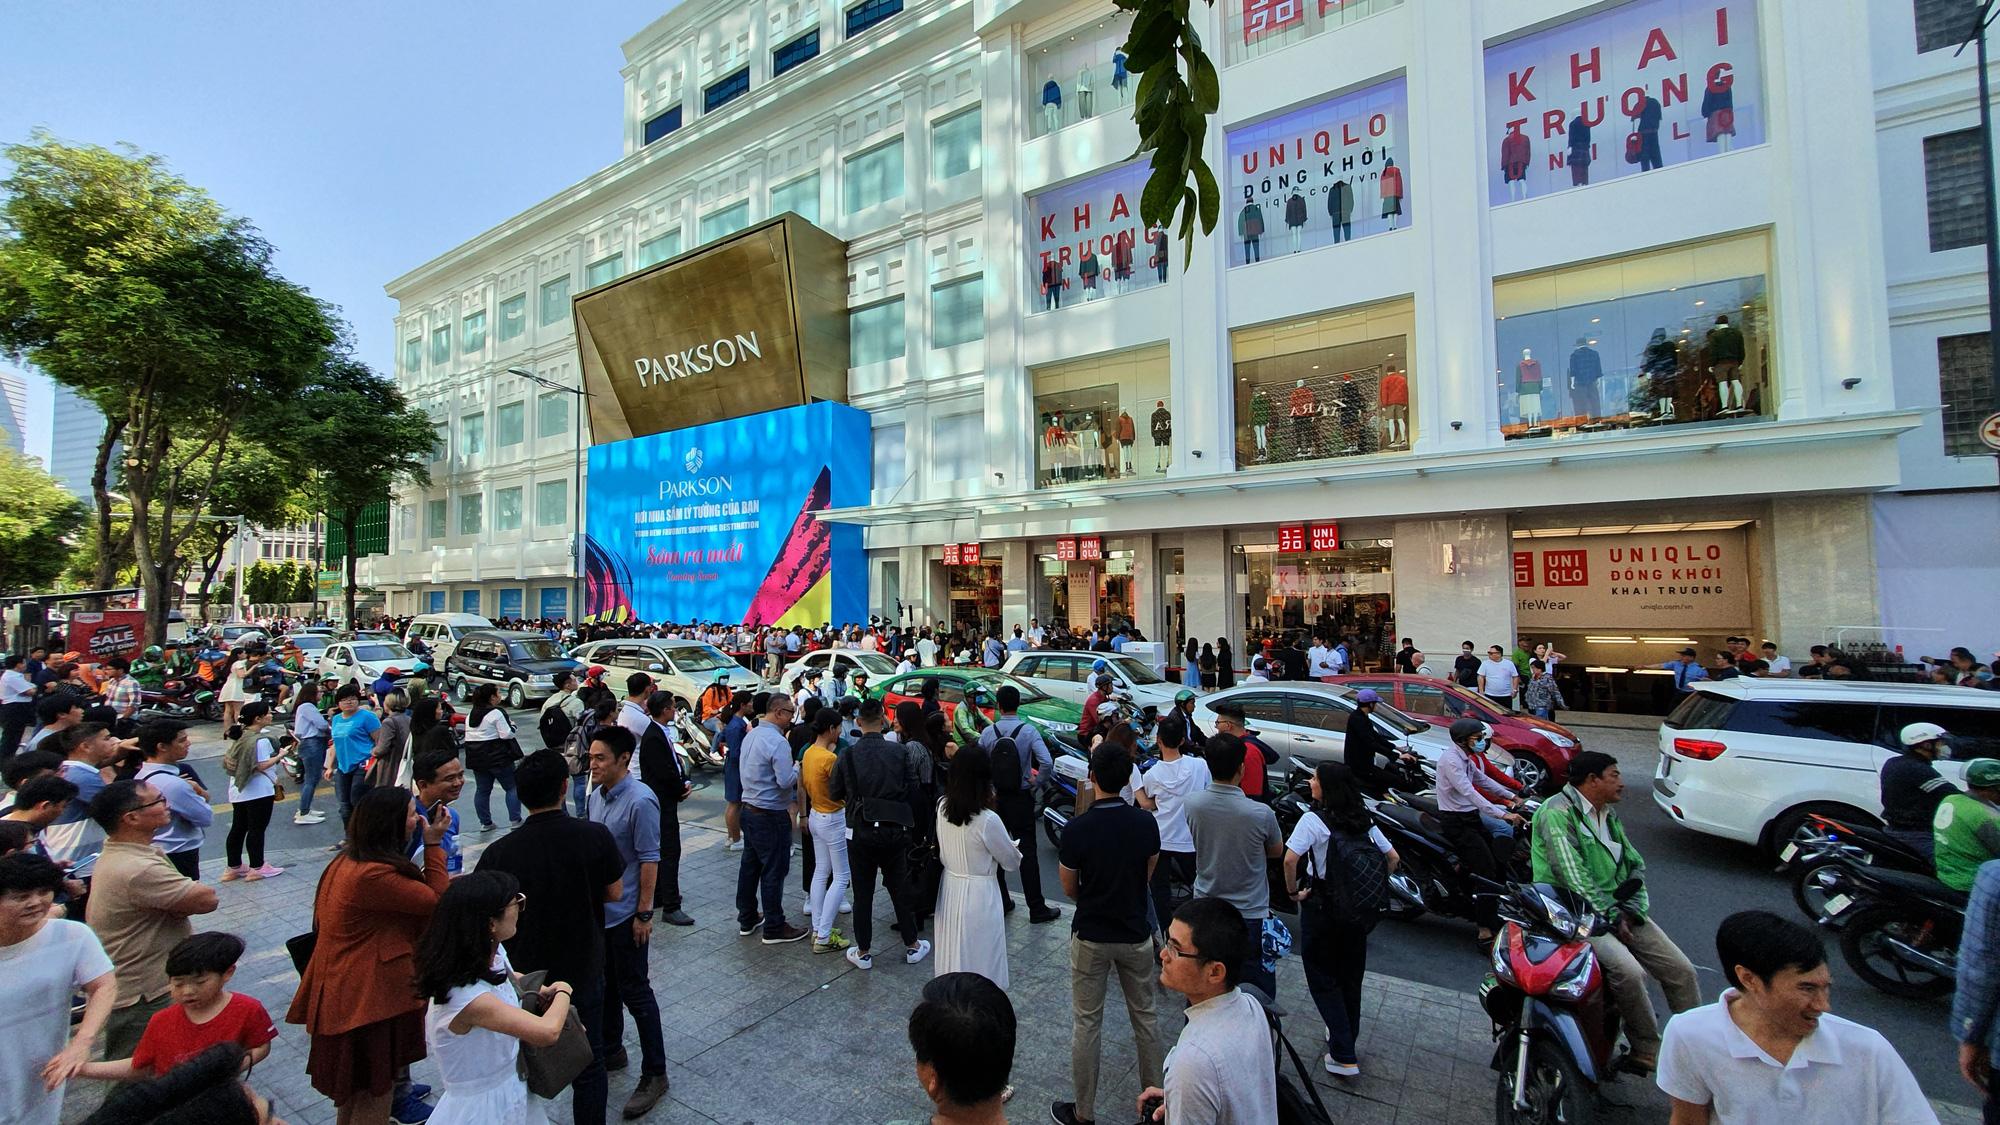 Uniqlo mở cửa hàng đầu tiên tại Hà Nội vào đầu năm sau - Ảnh 1.